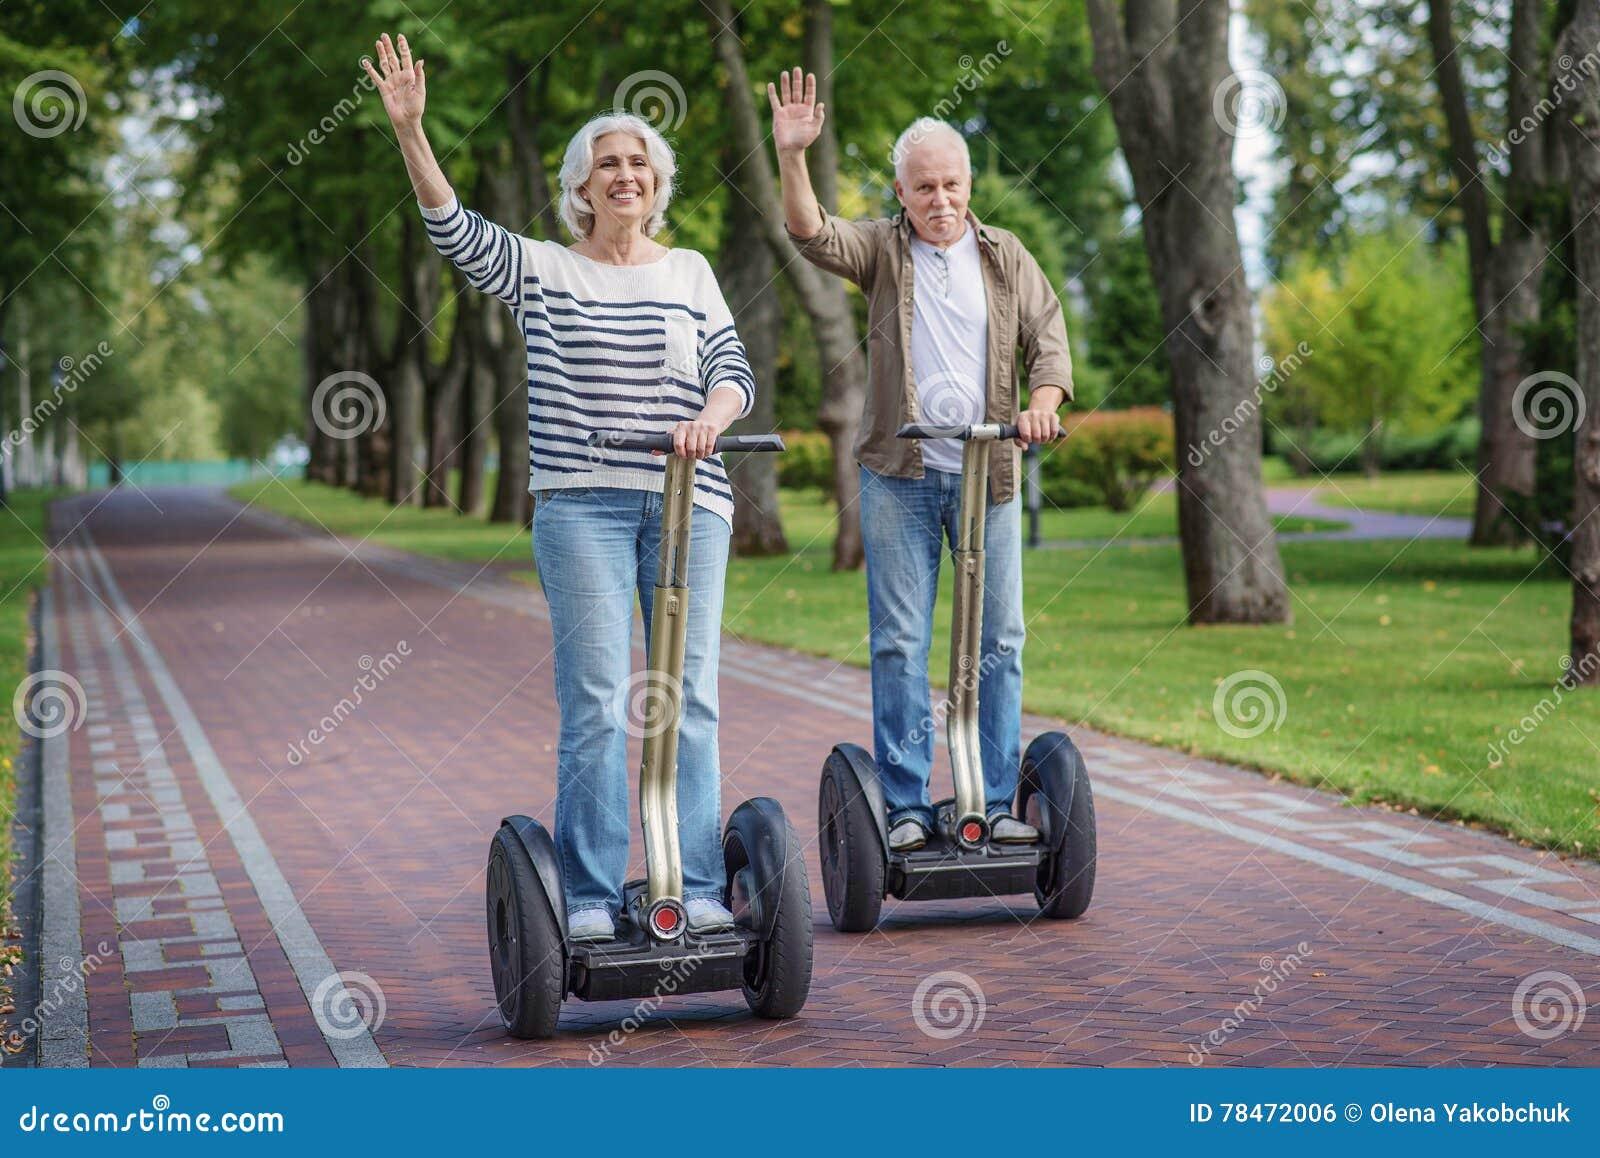 older having Matures fun women